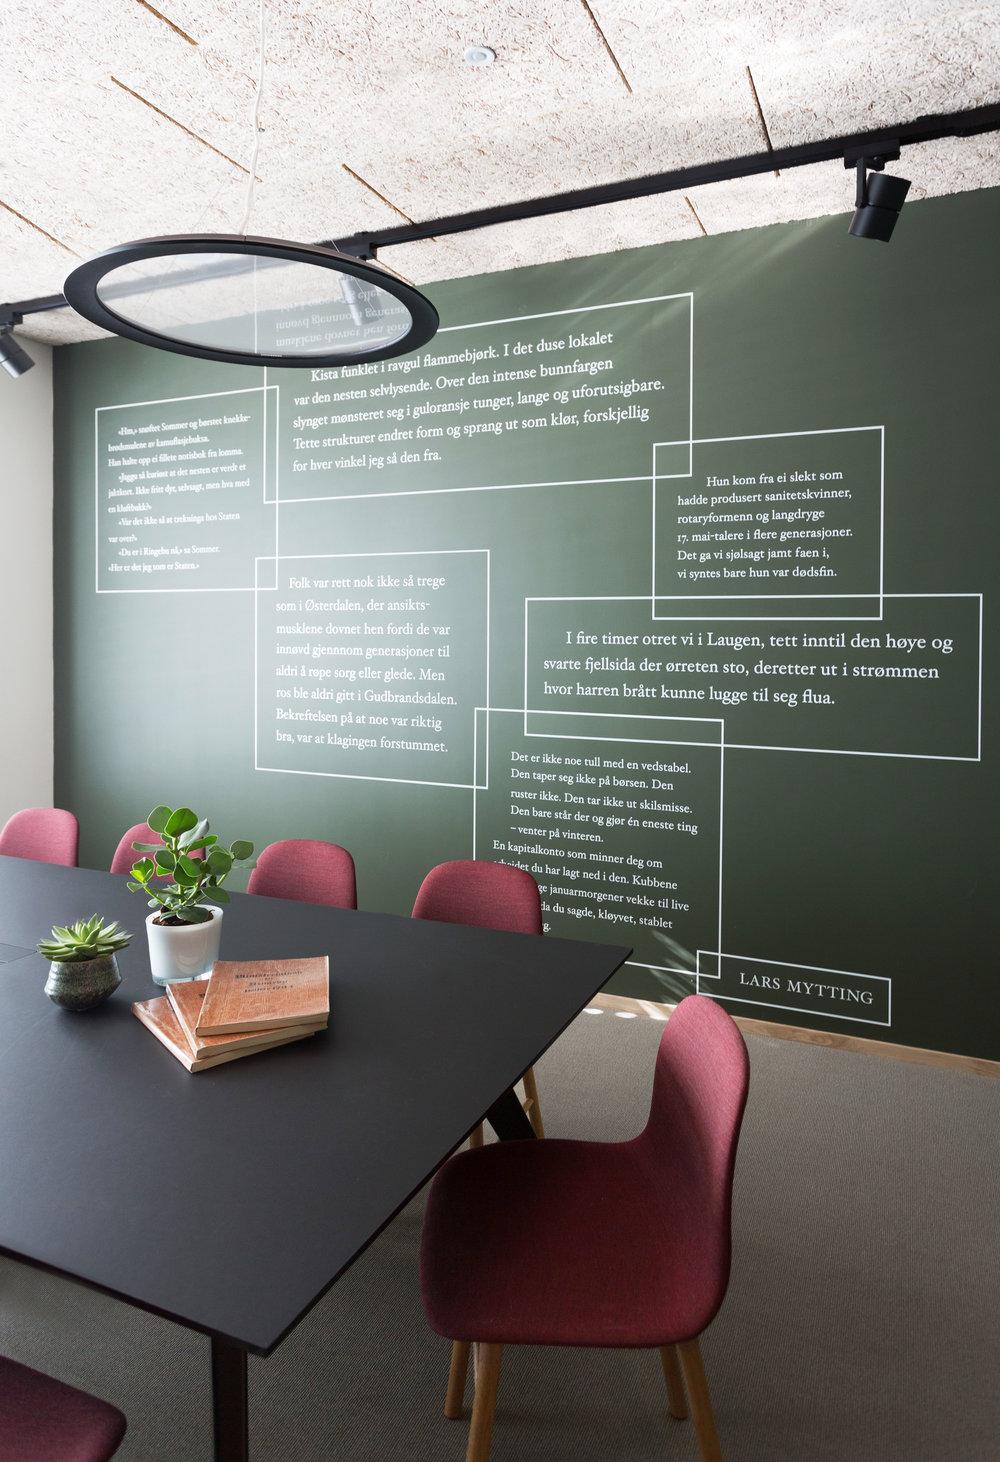 Ringebu innovasjonssenter og bibliotek (2).jpg